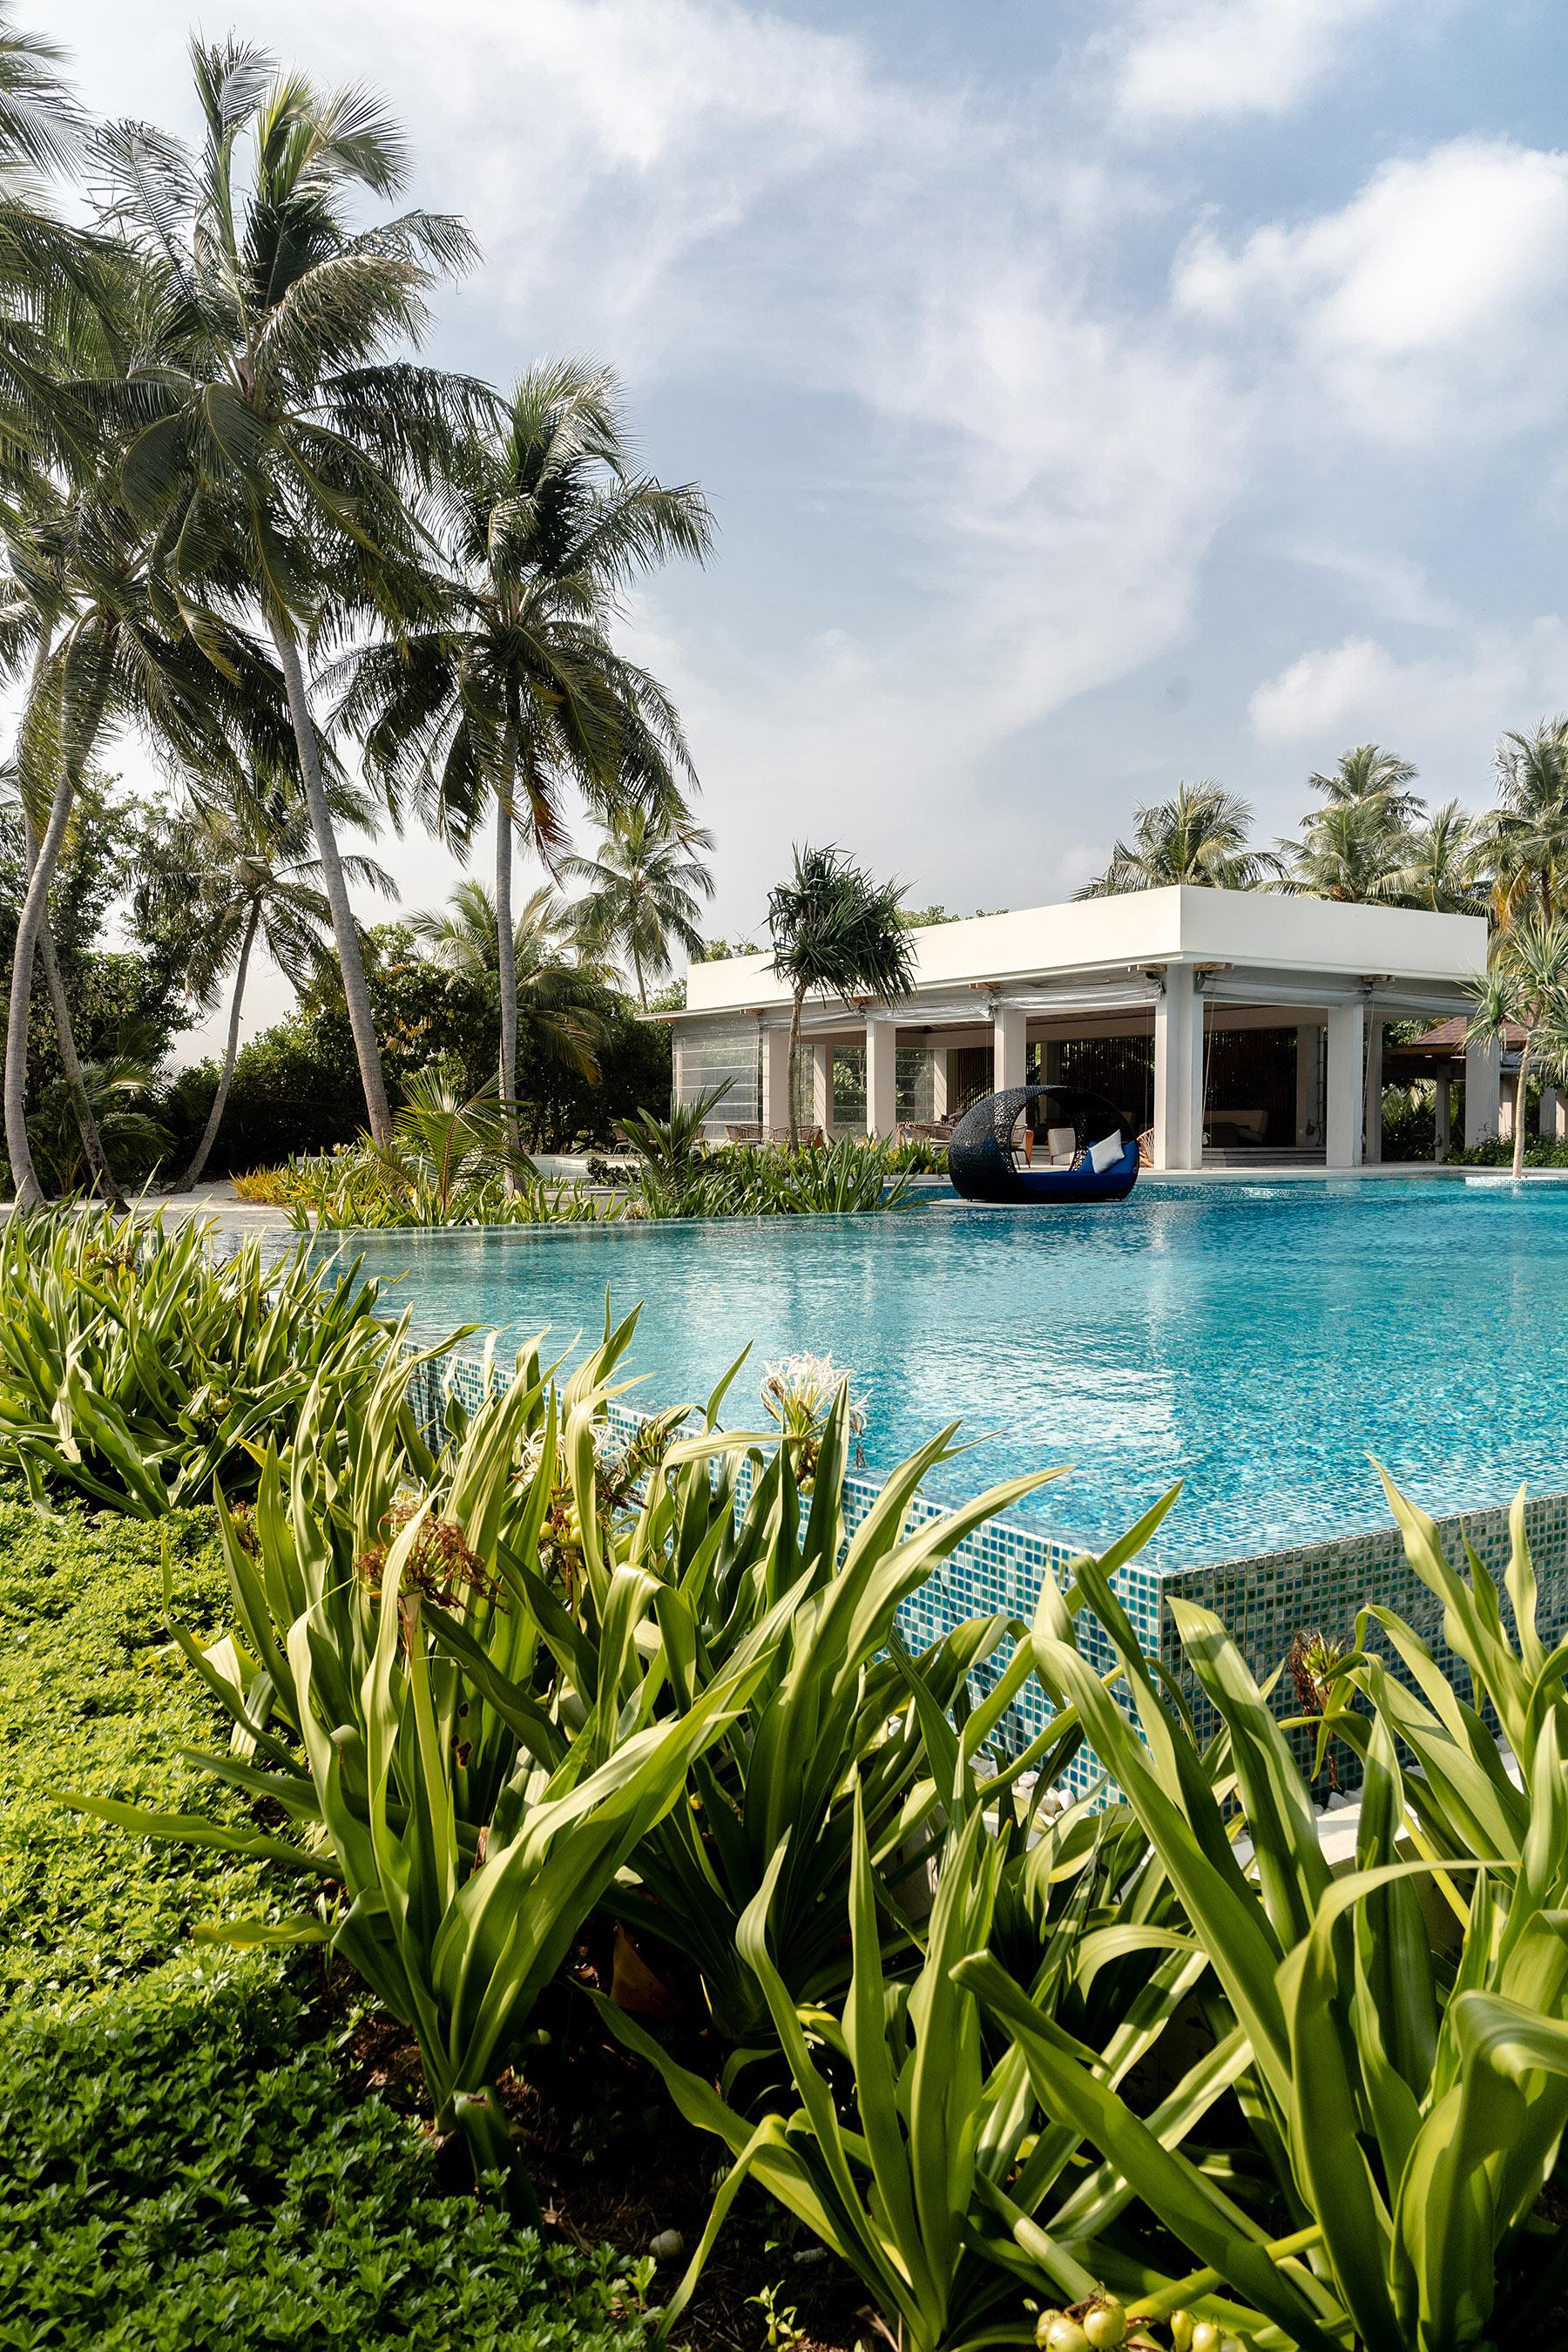 dhigali malediven hotel public pool travel blog sunnyinga